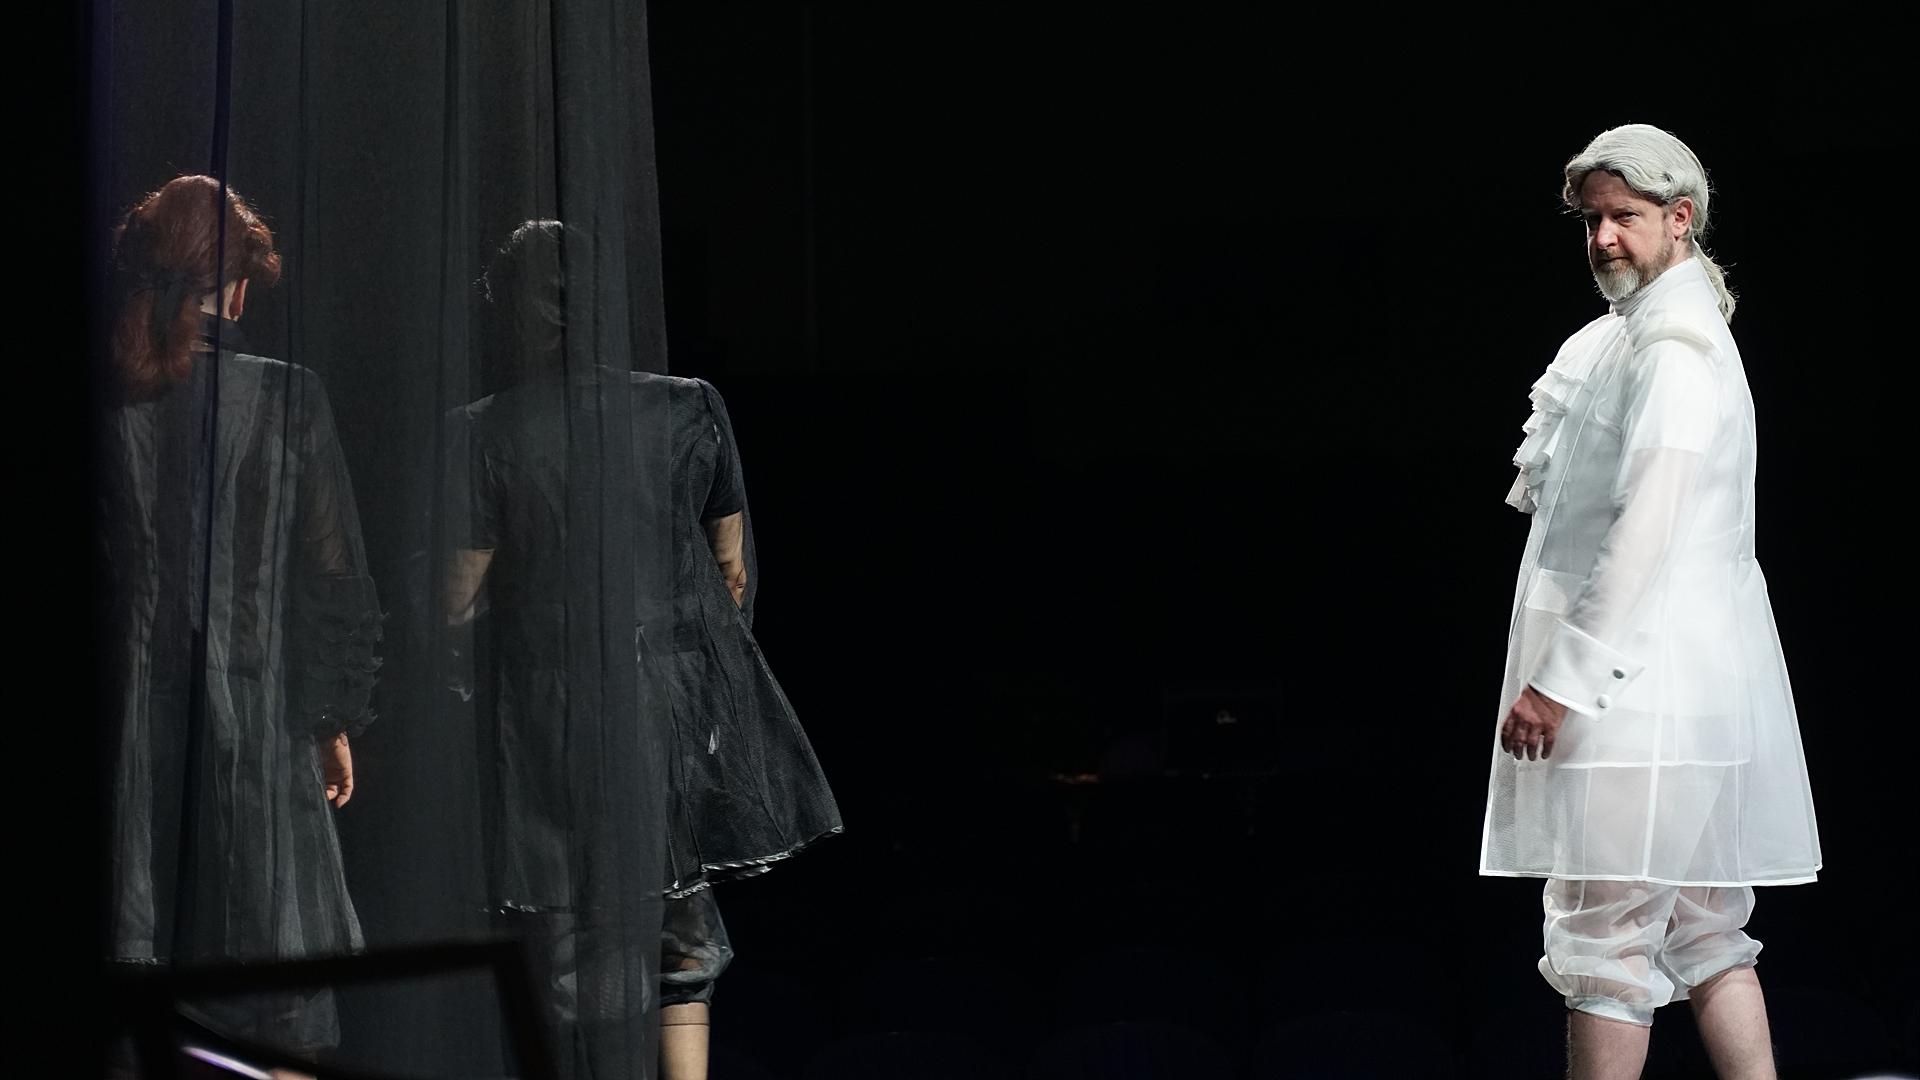 mężczyzna w białych pantalonach i kostiumie na czarnym tle, dwie odwrócone tyłem postaci na dalszym planie